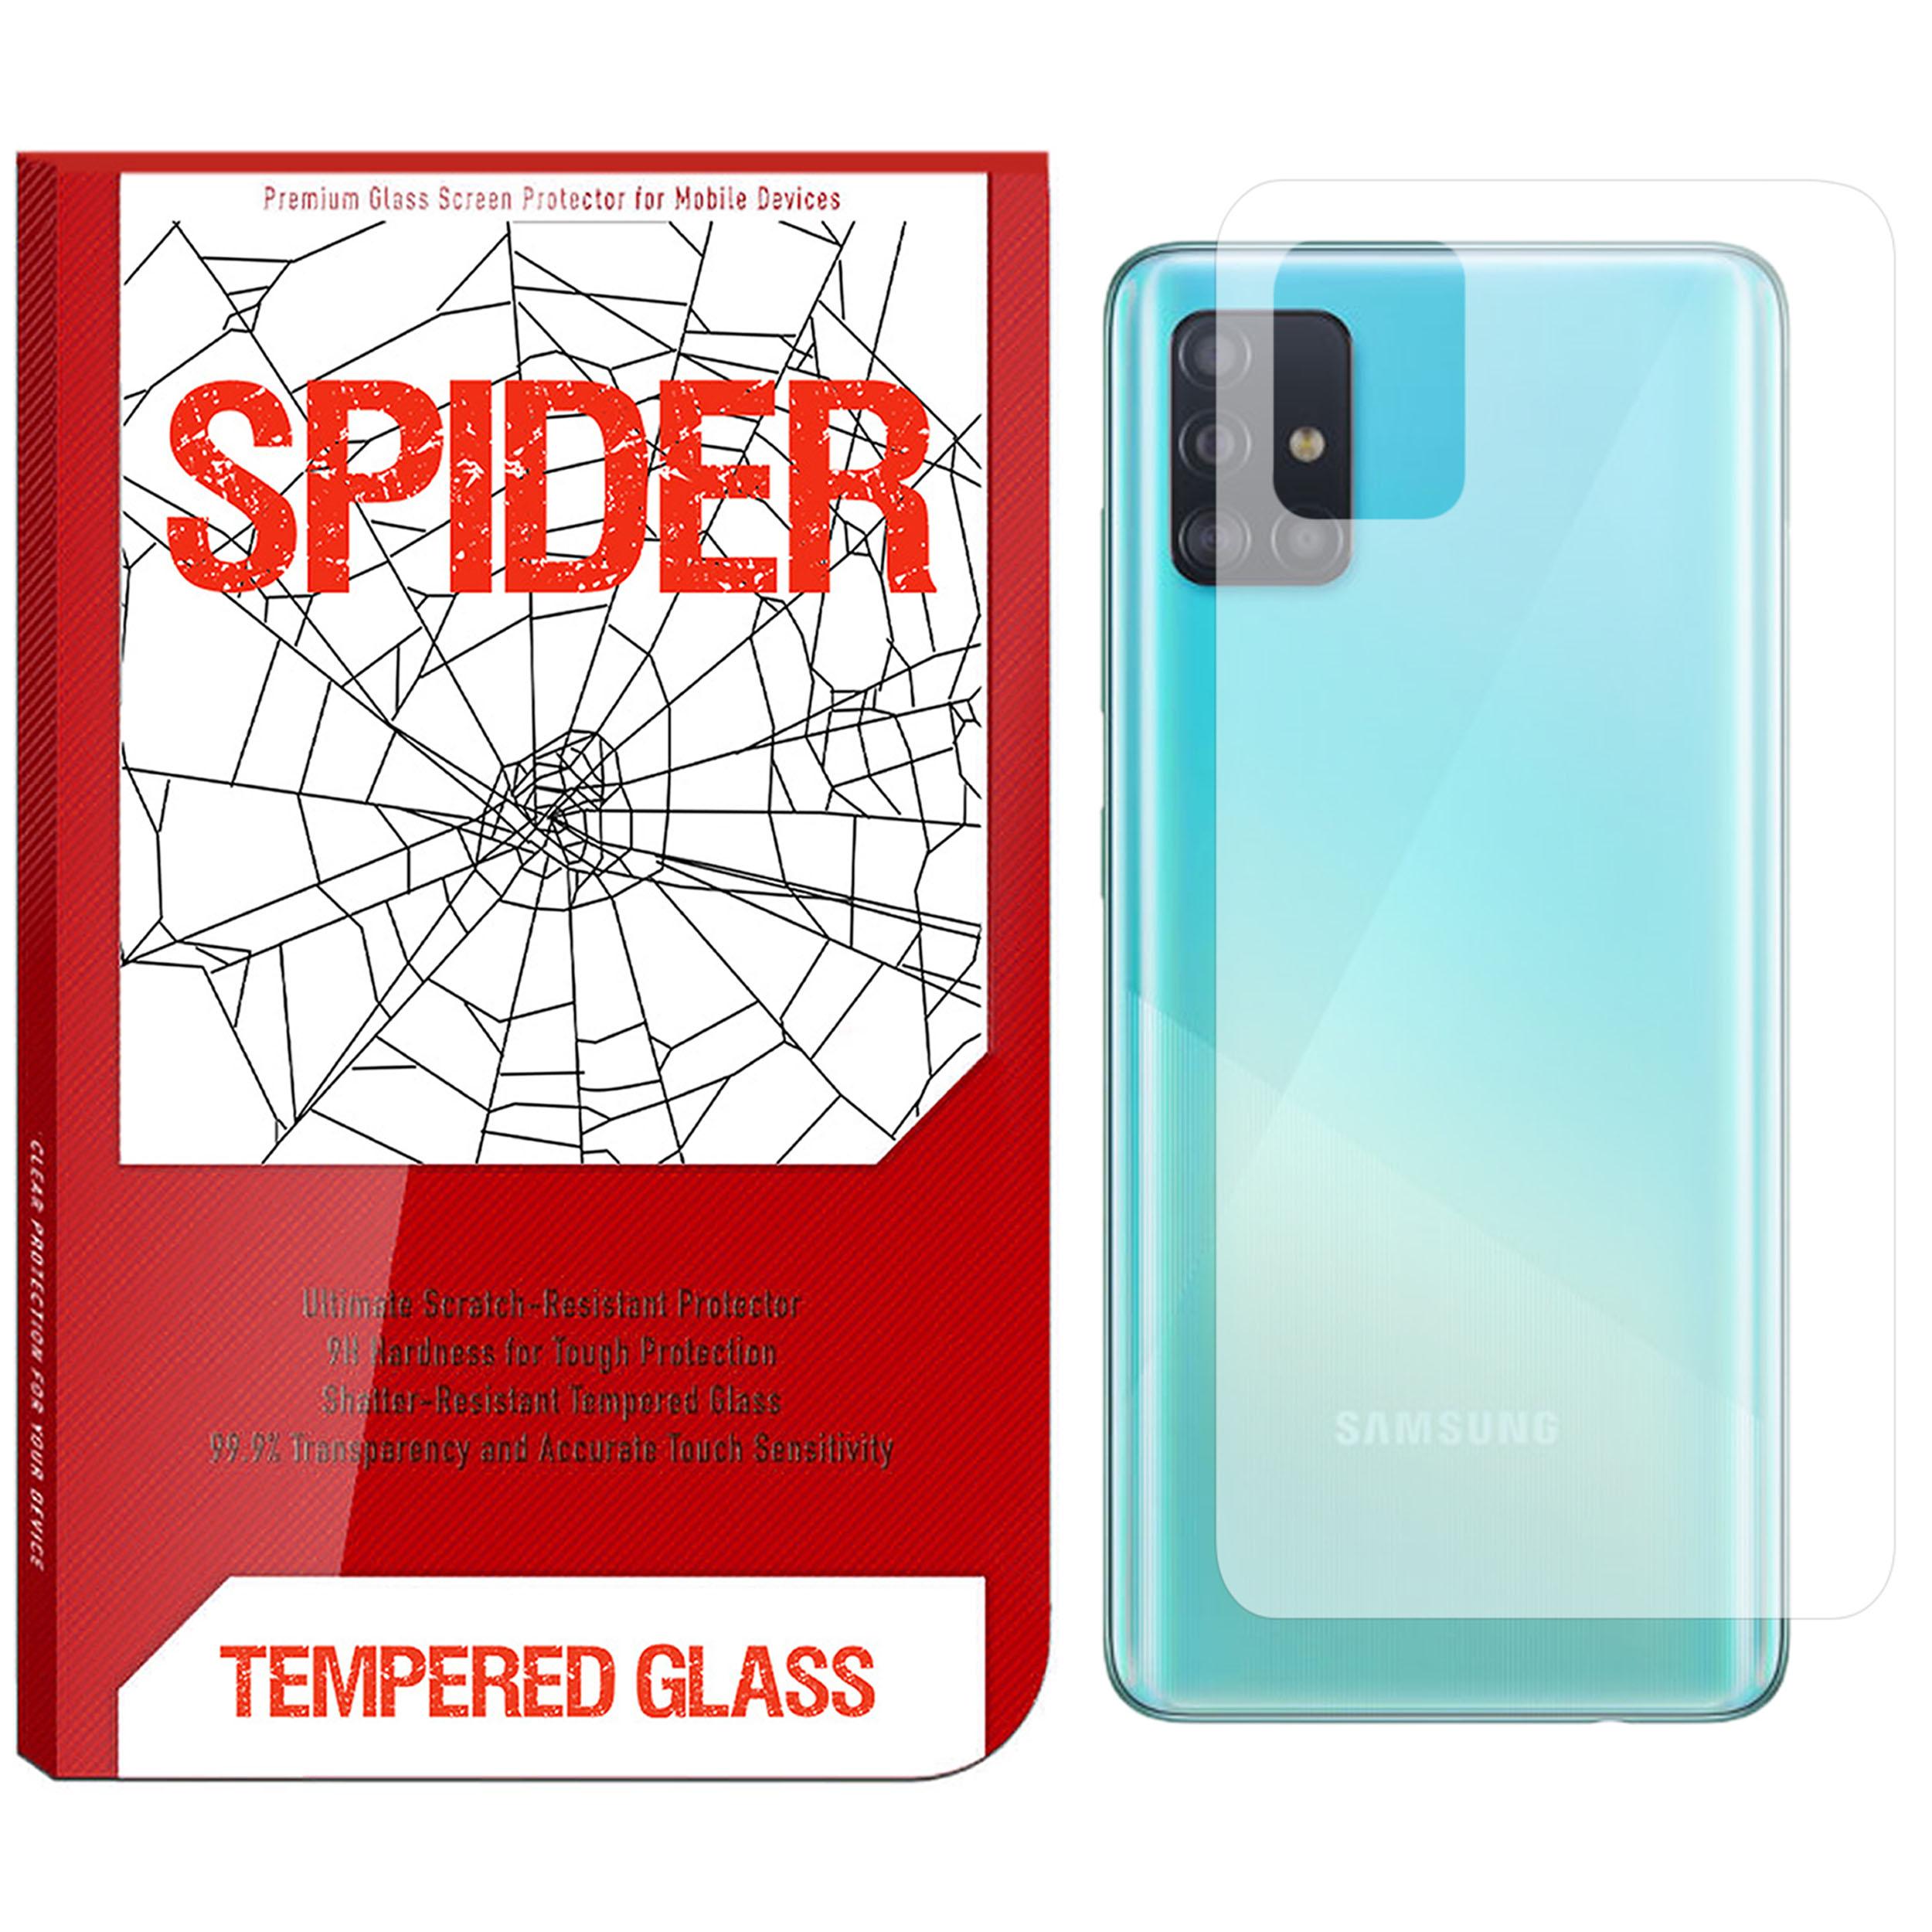 محافظ پشت گوشی اسپایدر مدل TPS-01 مناسب برای گوشی موبایل سامسونگ Galaxy A51              ( قیمت و خرید)